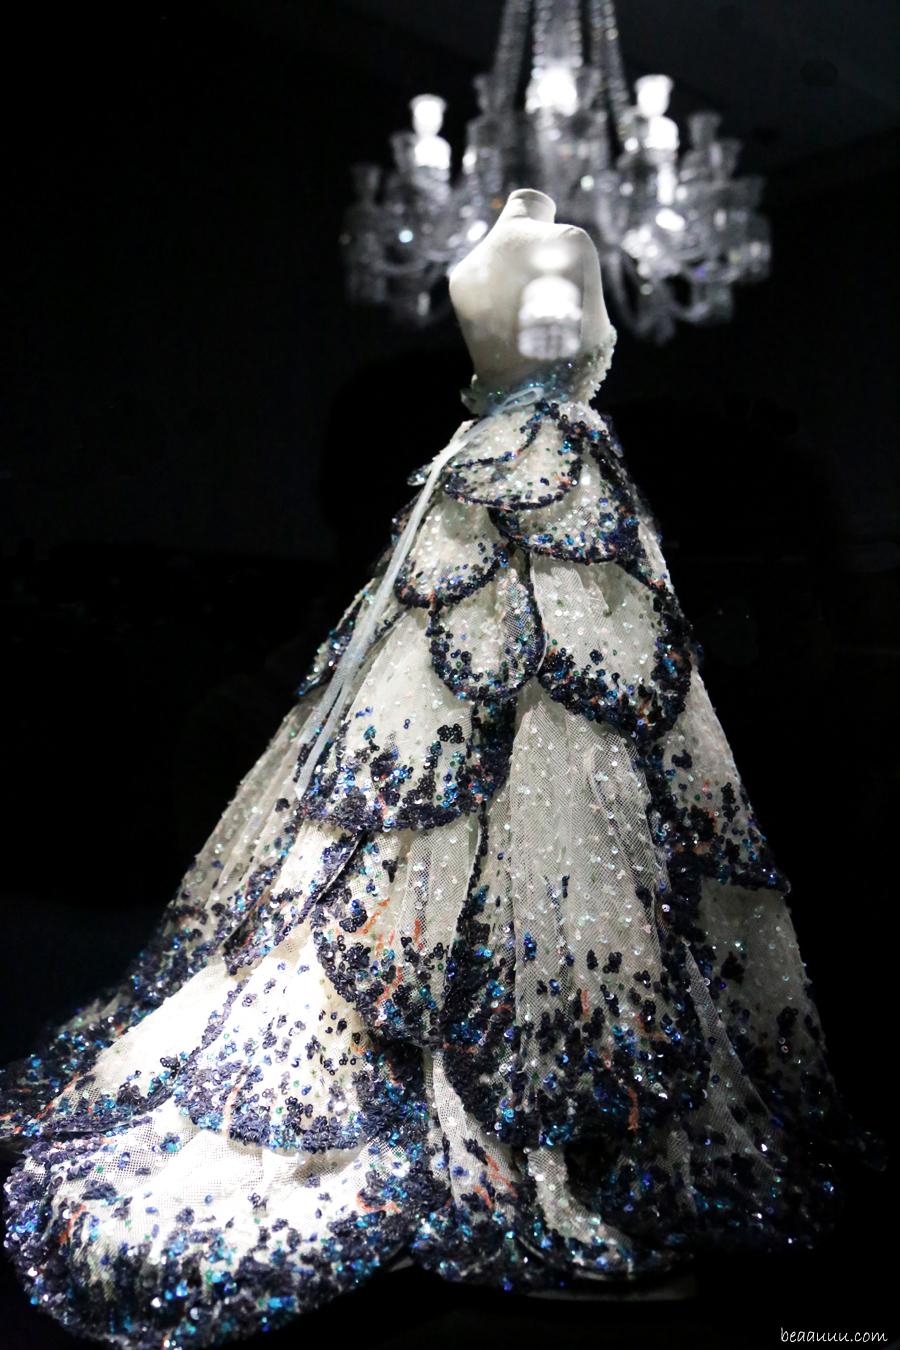 biennale-des-antiquaires-2014-dior-haute-couture-robe-900pix